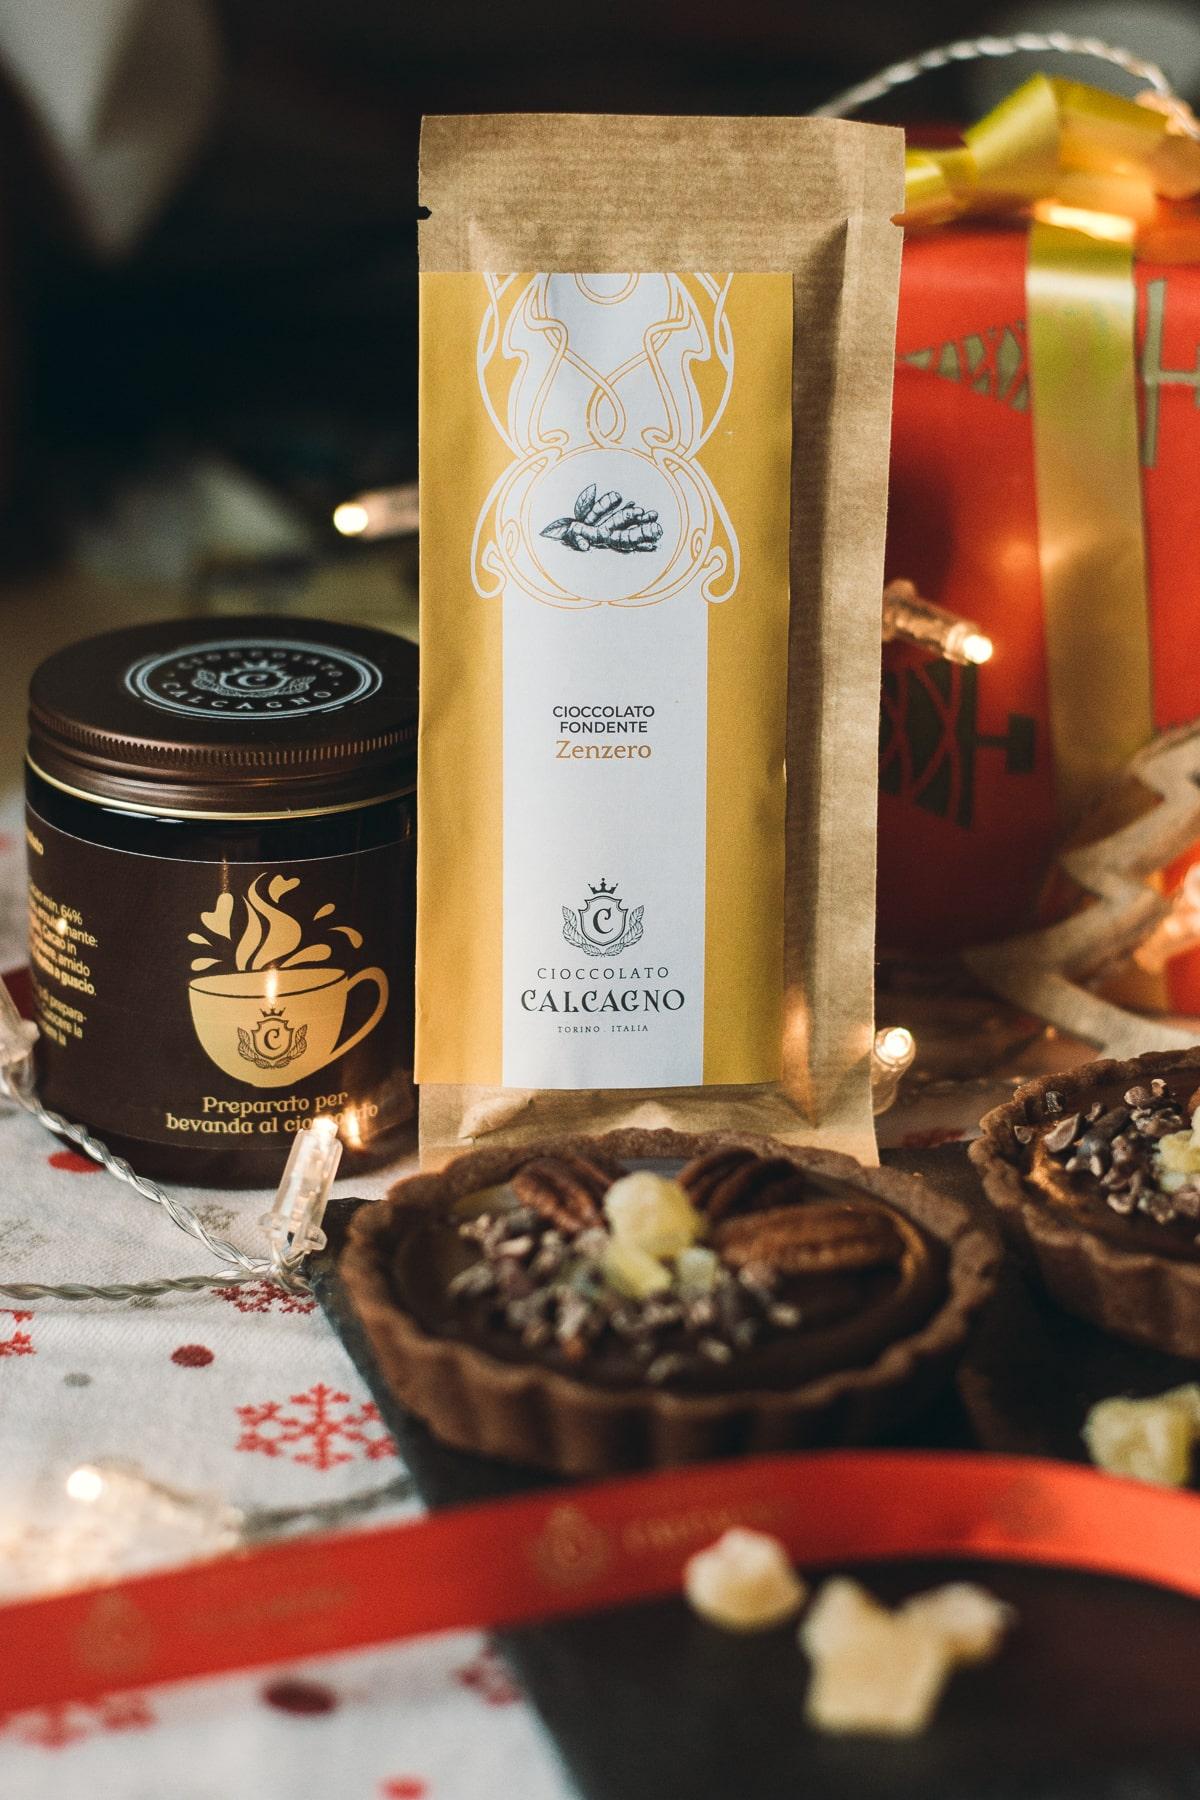 Ricetta di Natale – Tartellette al fondente e zenzero Cioccolato Calcagno